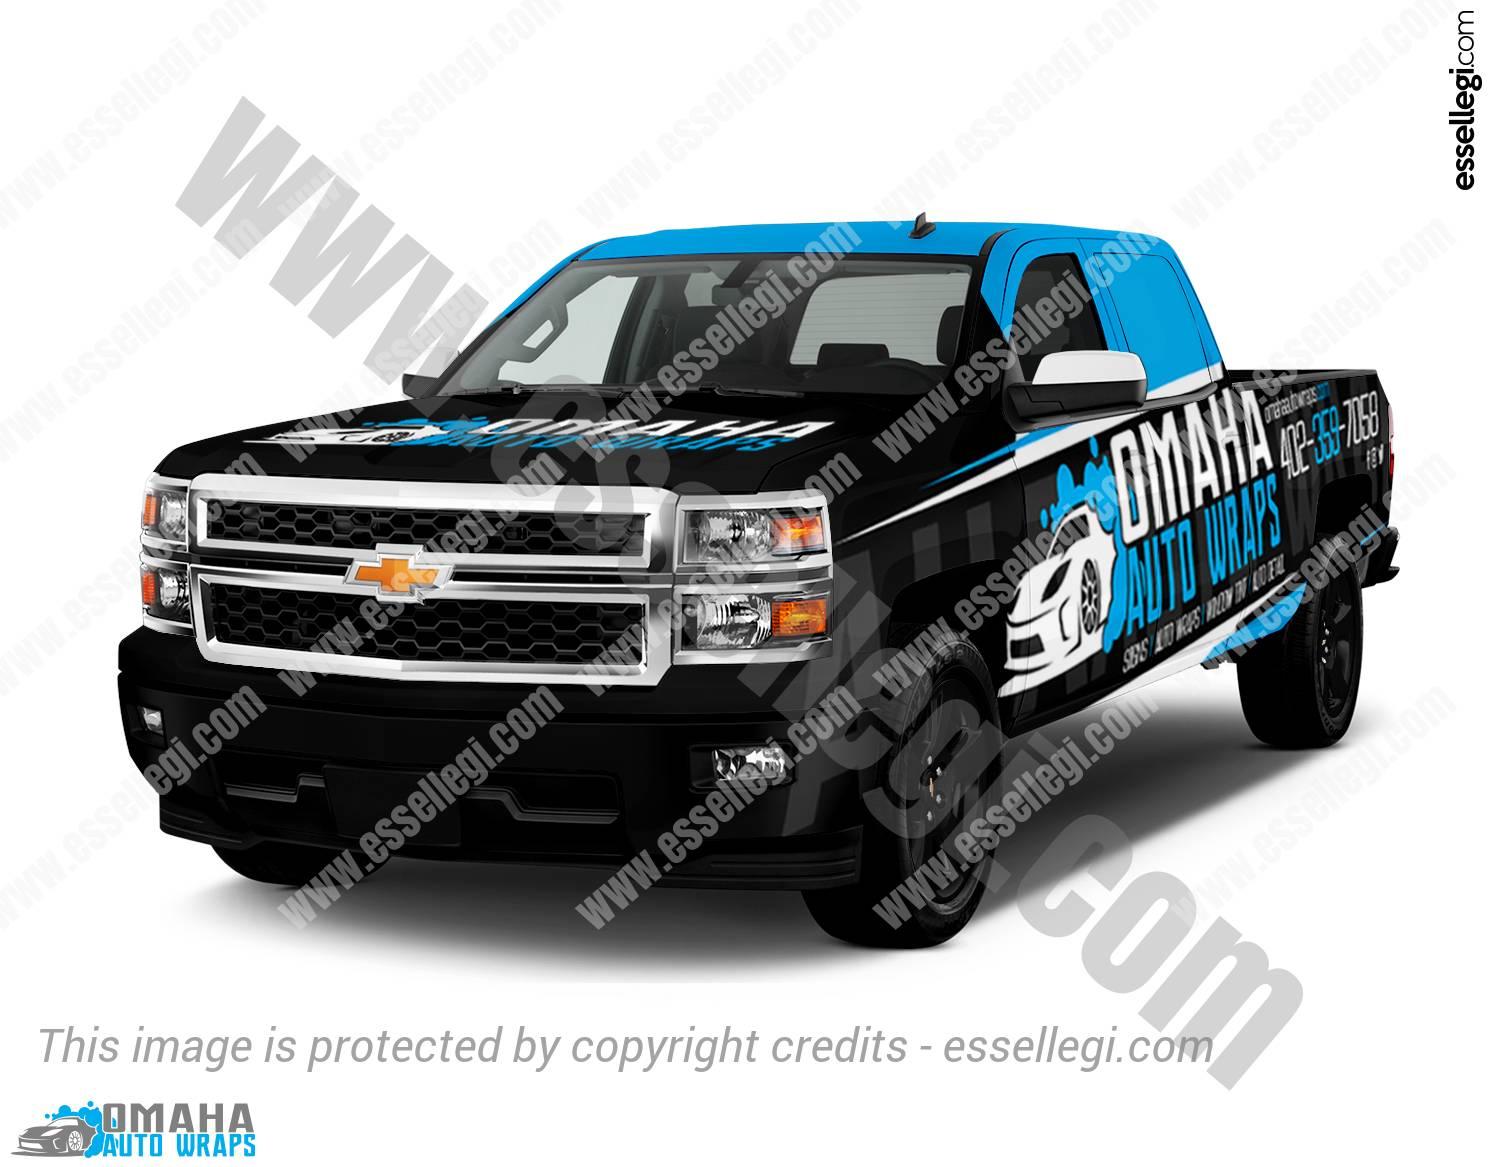 Nissan Of Omaha >> Chevy Silverado 1500 | Truck Wrap Design by Essellegi Wrap ...